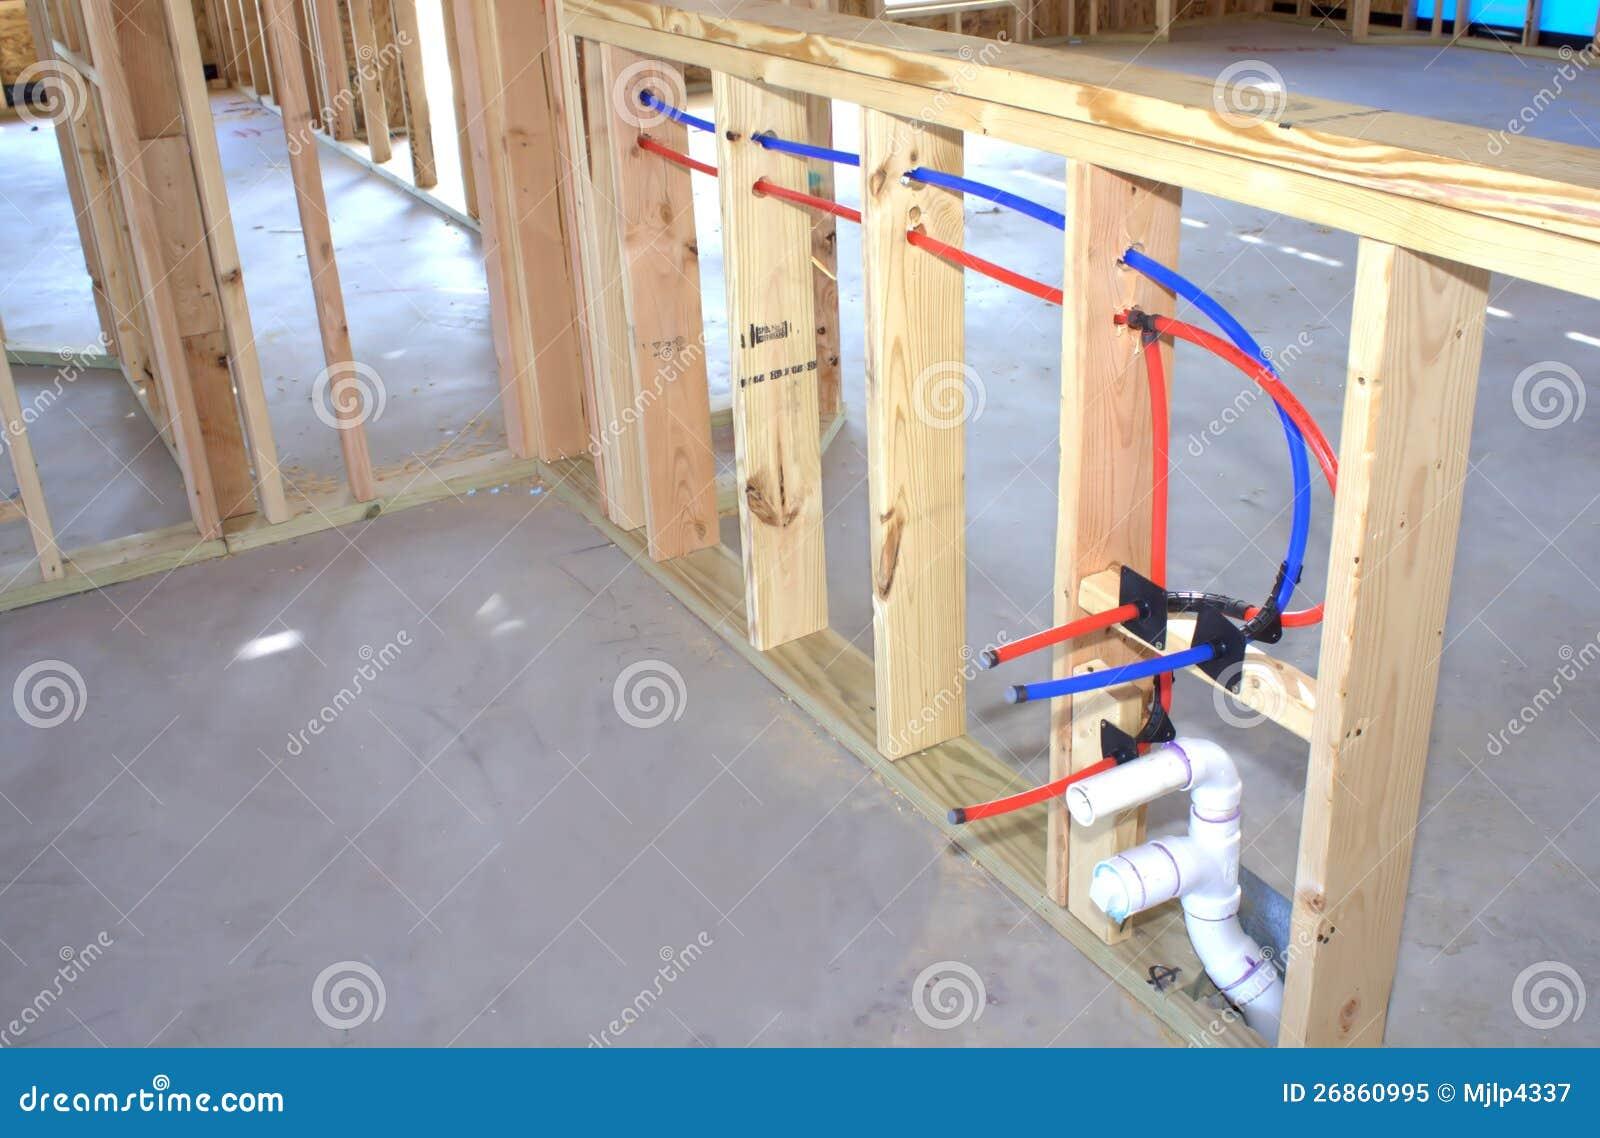 Küche-Rahmen stockbild. Bild von fluß, haus, blau, ablaß - 26860995